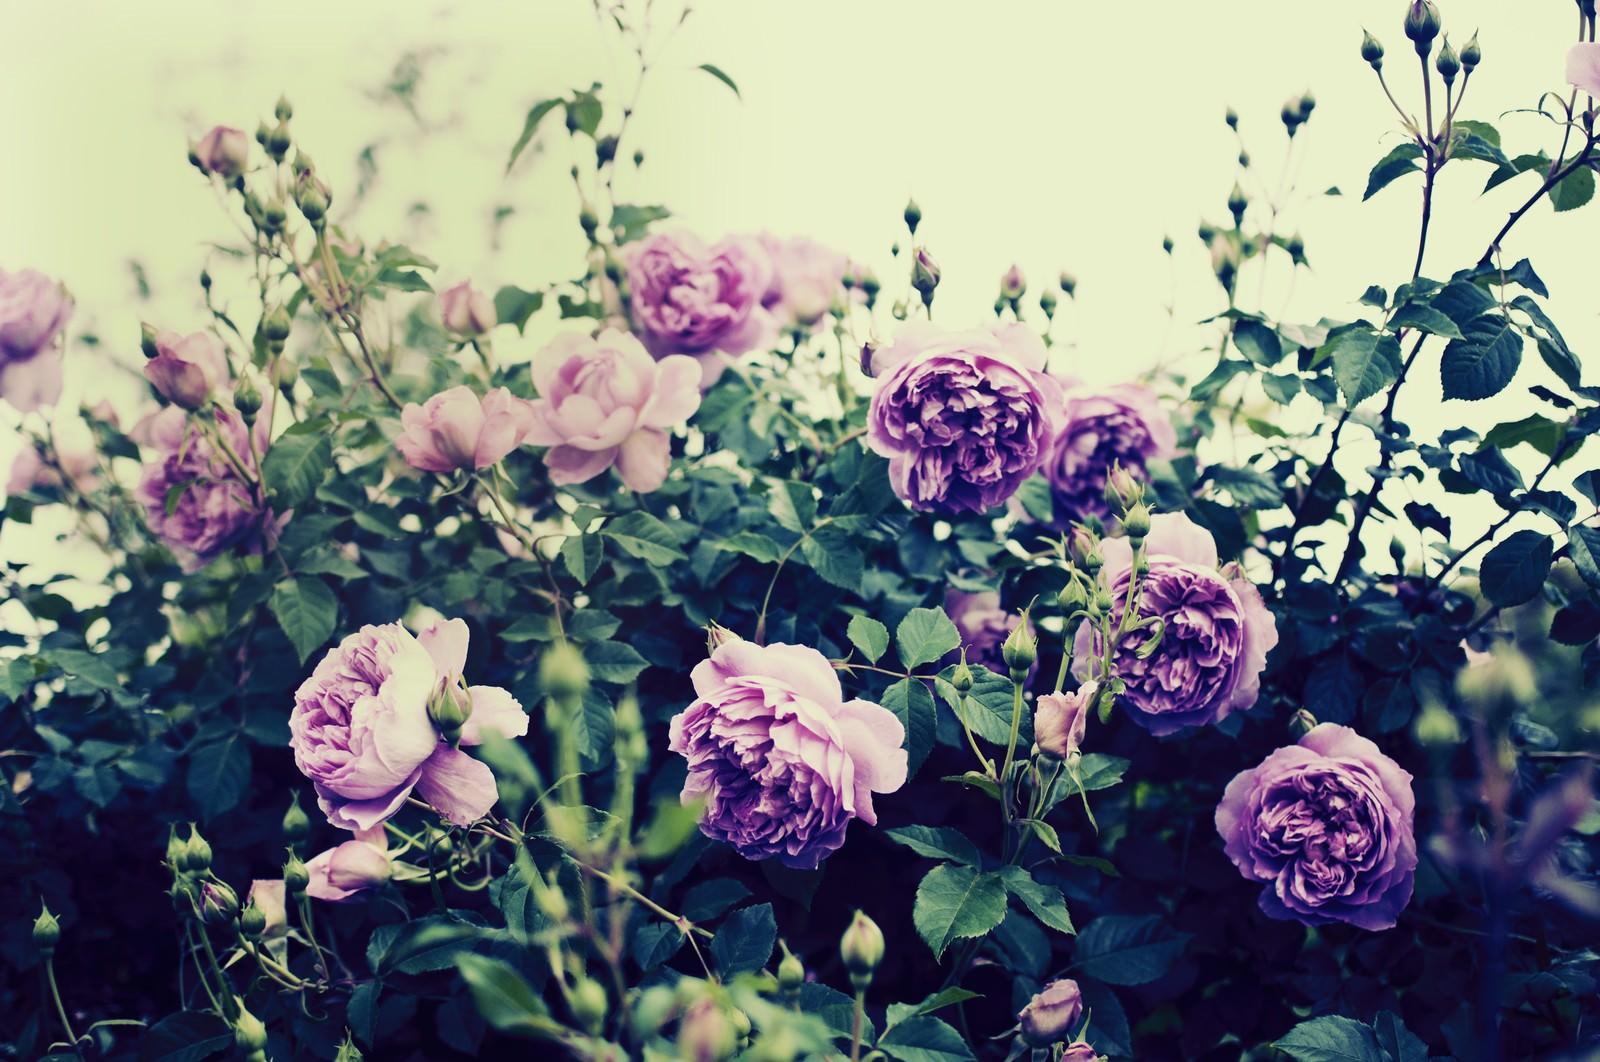 「懐古的嗜好(バラ)」の写真